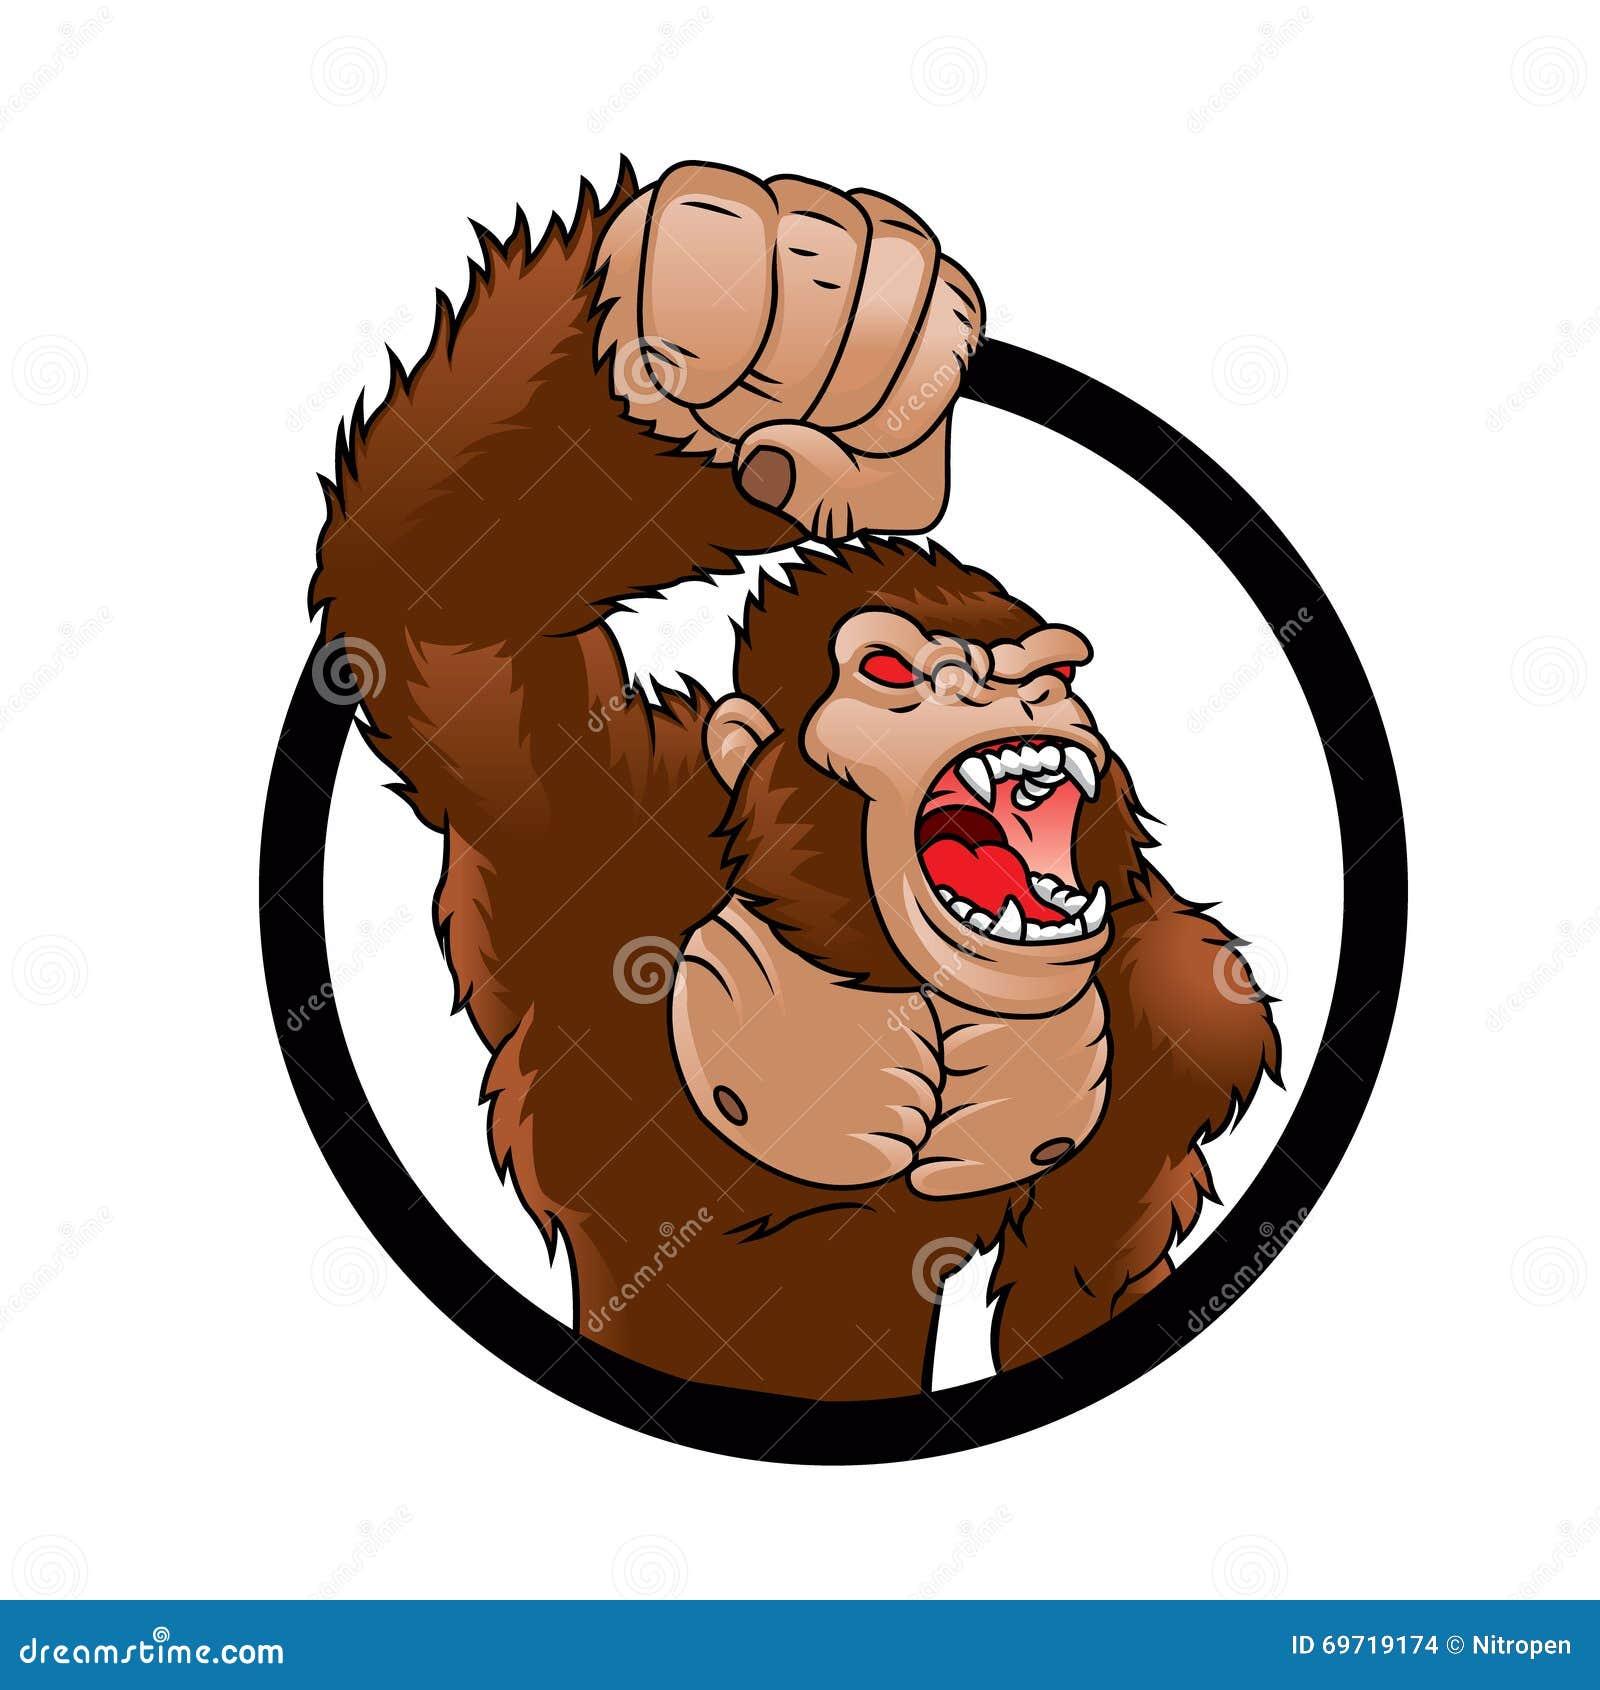 angry cartoon gorilla - photo #13